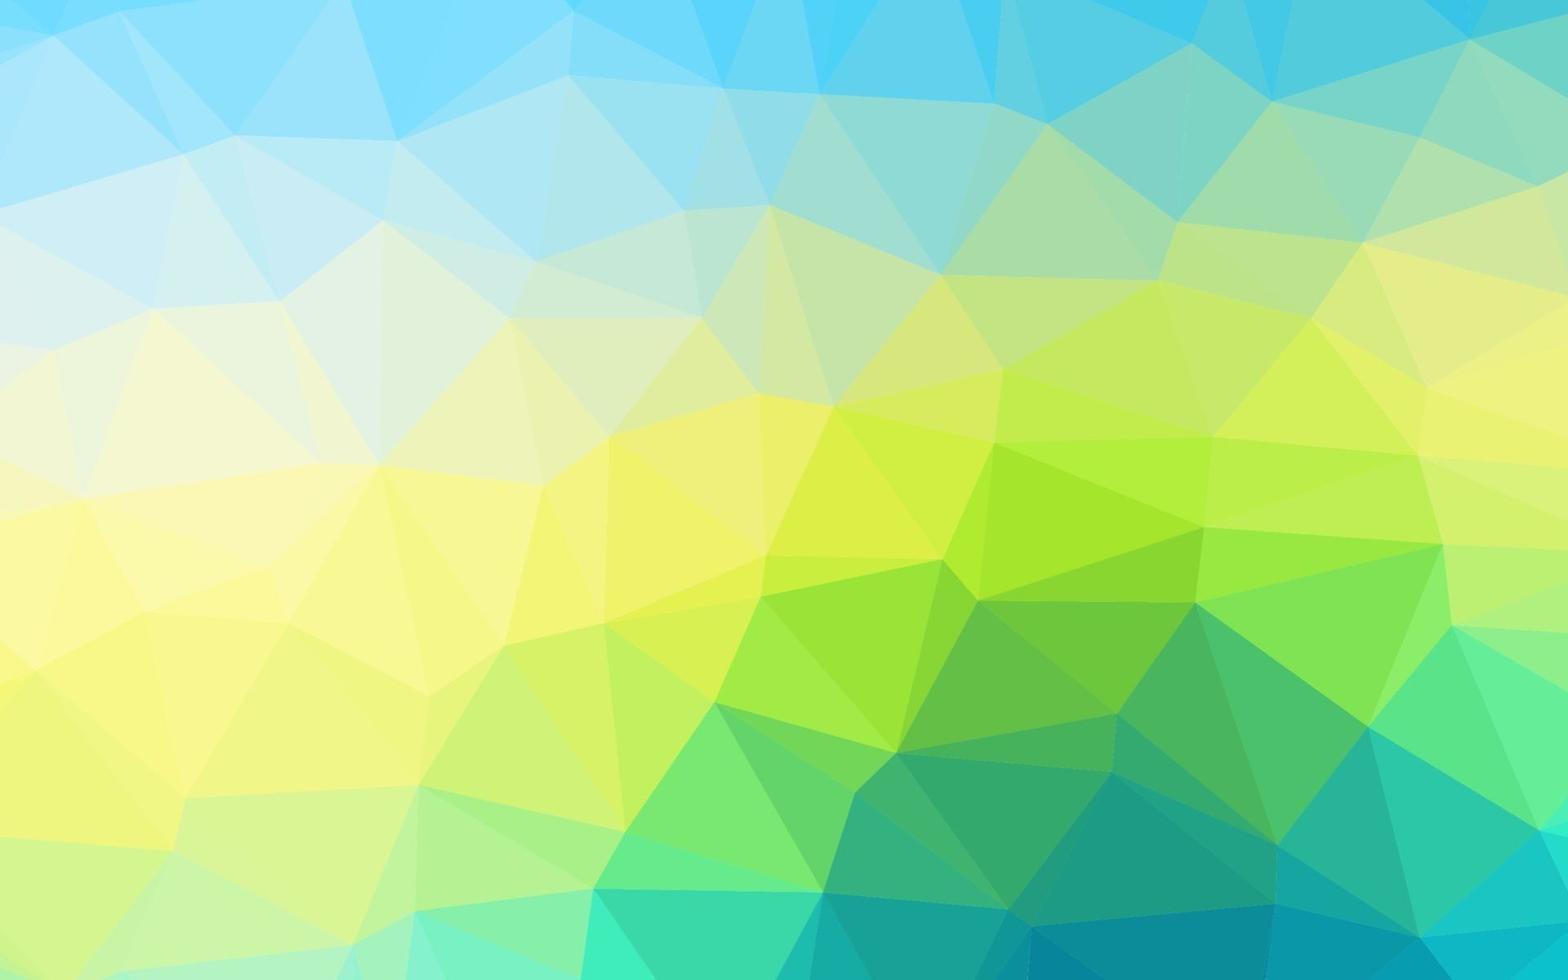 capa de poli baixa de vetor azul claro e amarelo.